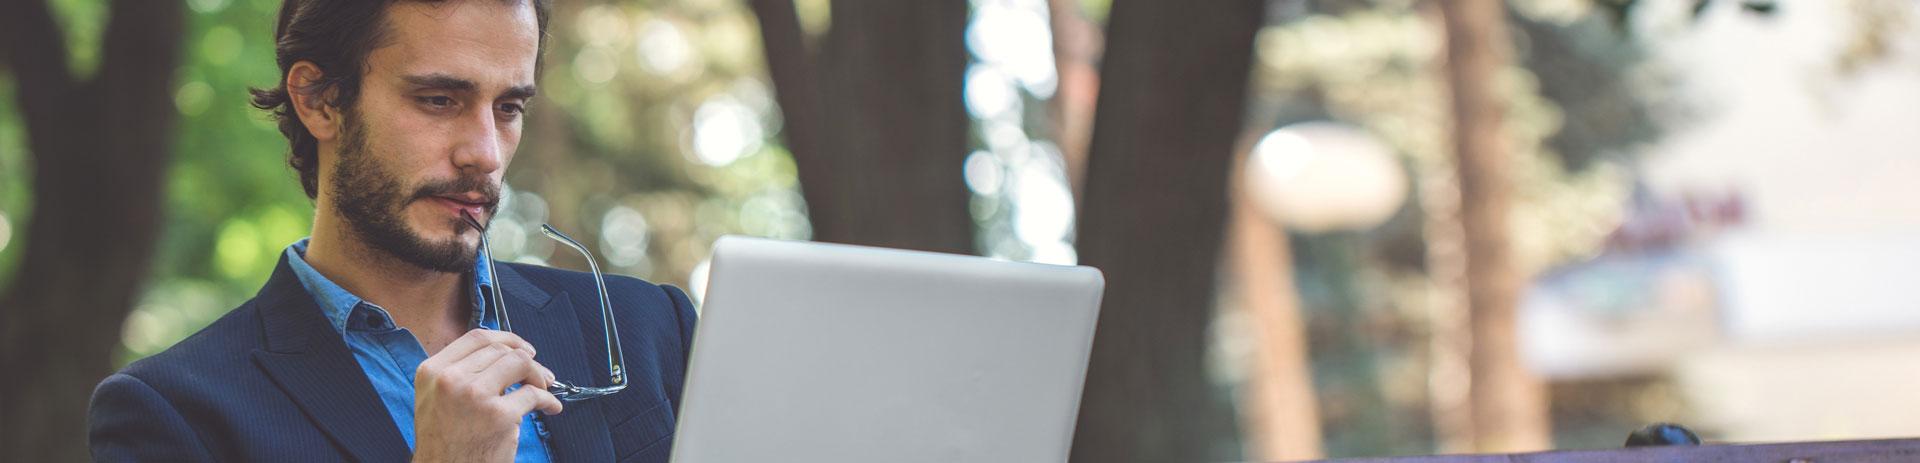 Mann sitzt auf Parkbank mit Notebook